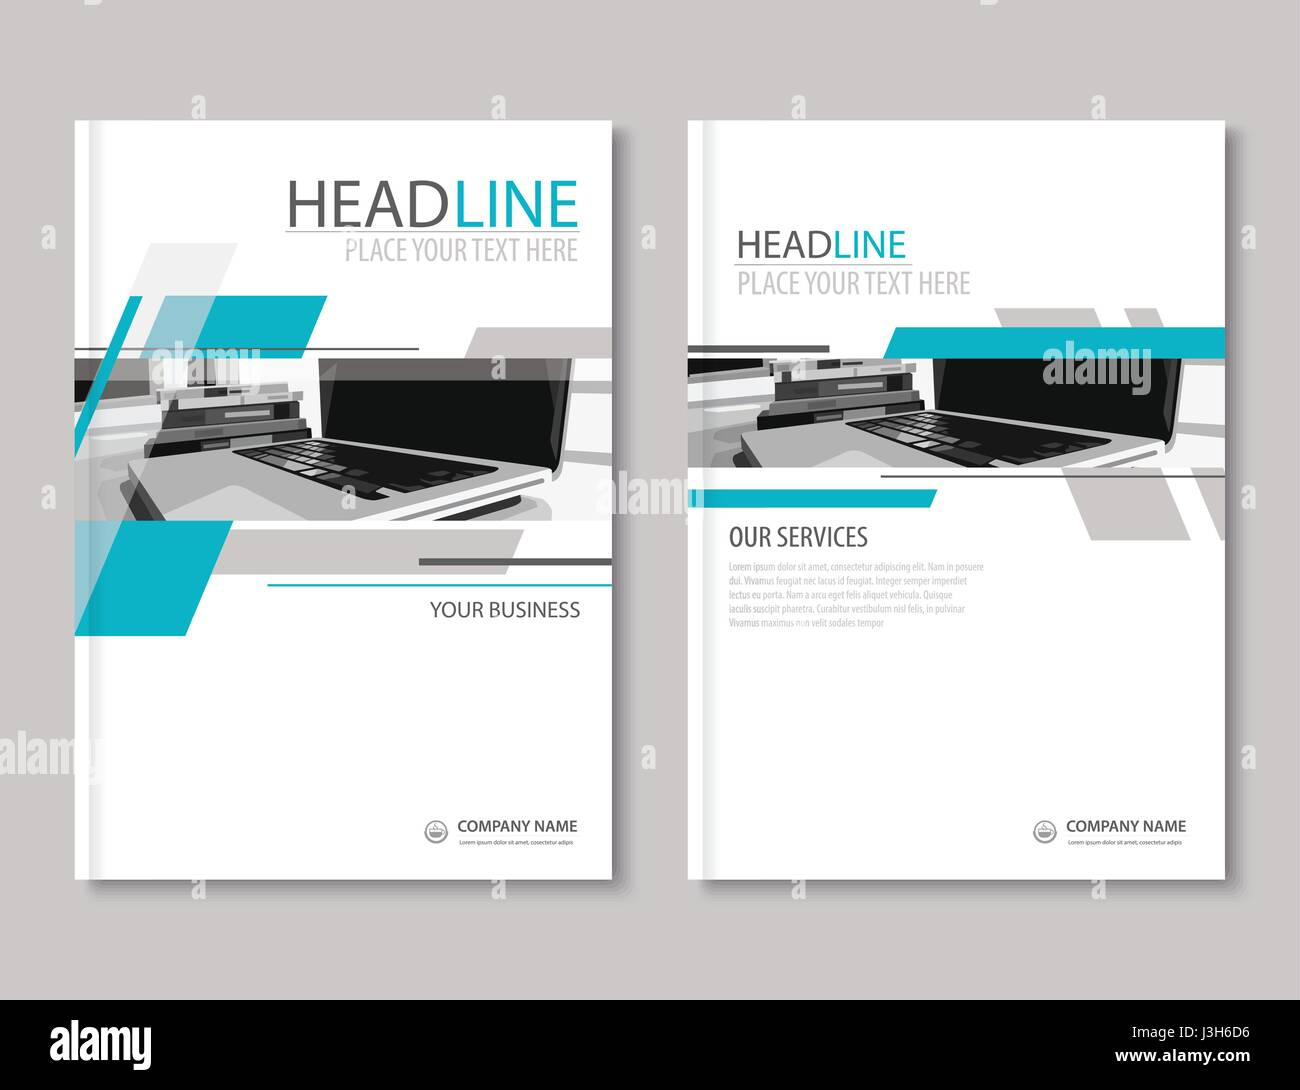 Ziemlich Corporate Broschüre Vorlage Galerie - Bilder für das ...